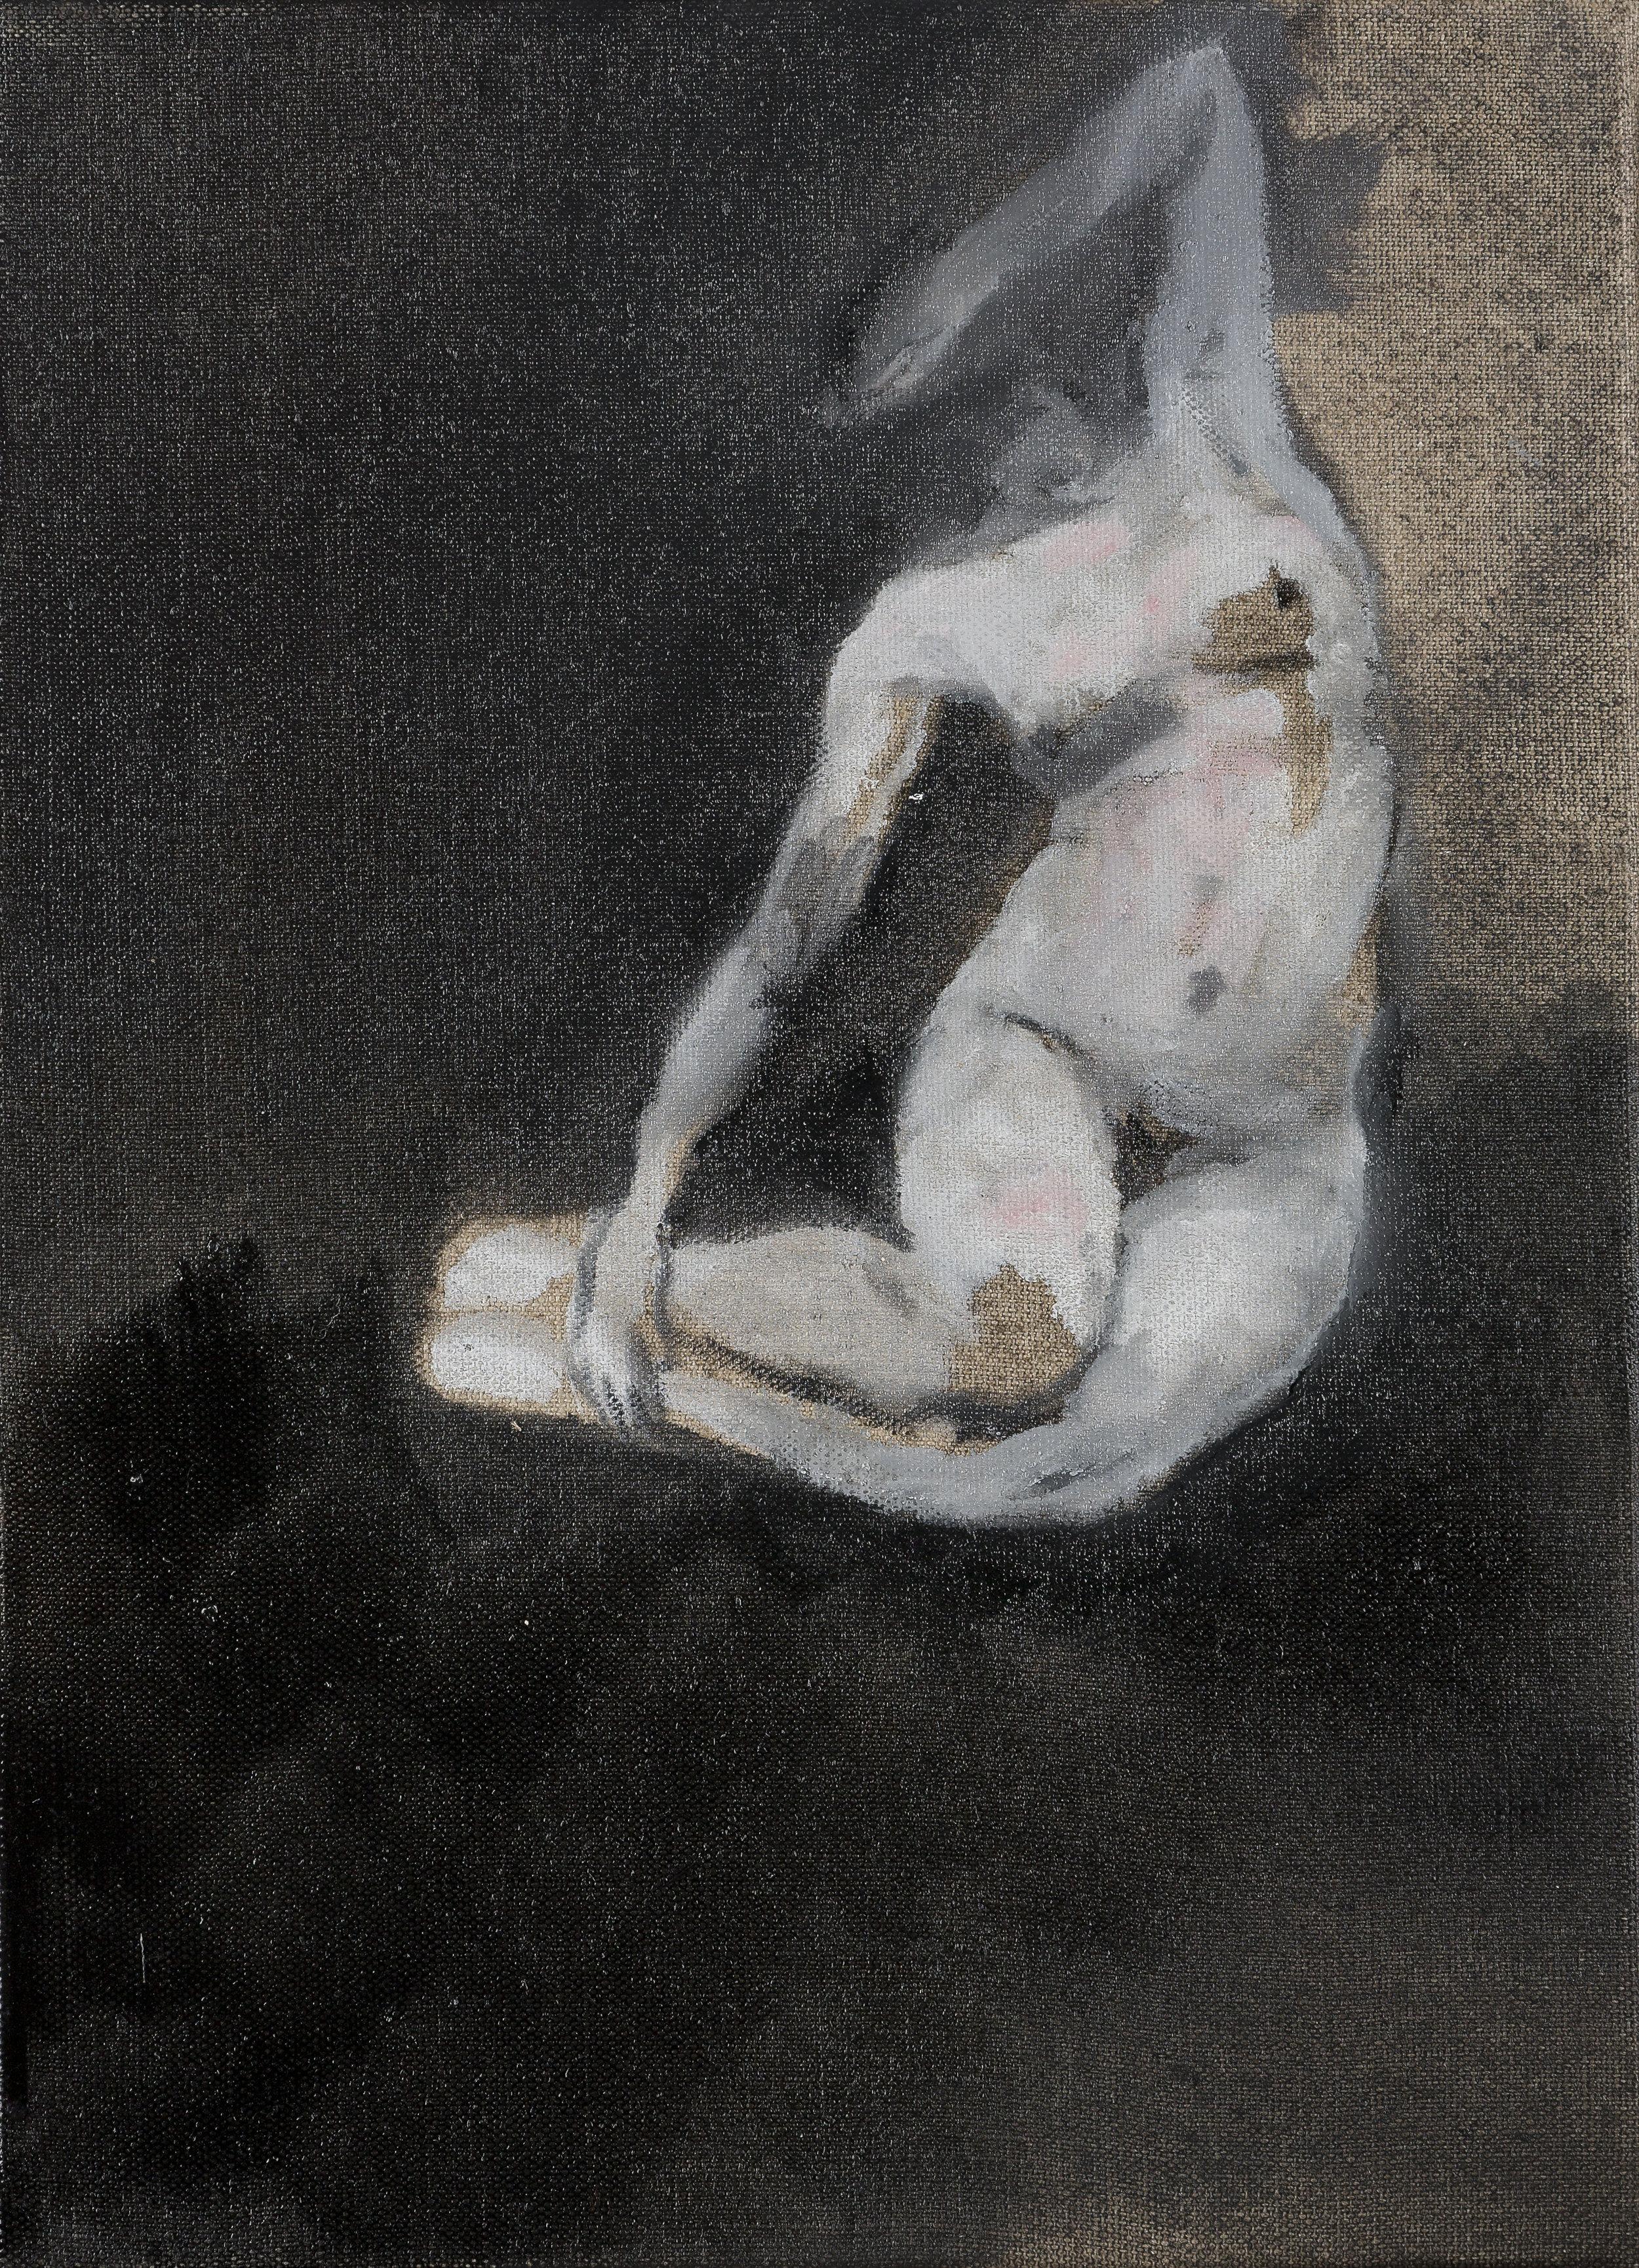 2015, Lo (Lolita - Nymphette de Nabokov), 33 x 24 cm.jpg